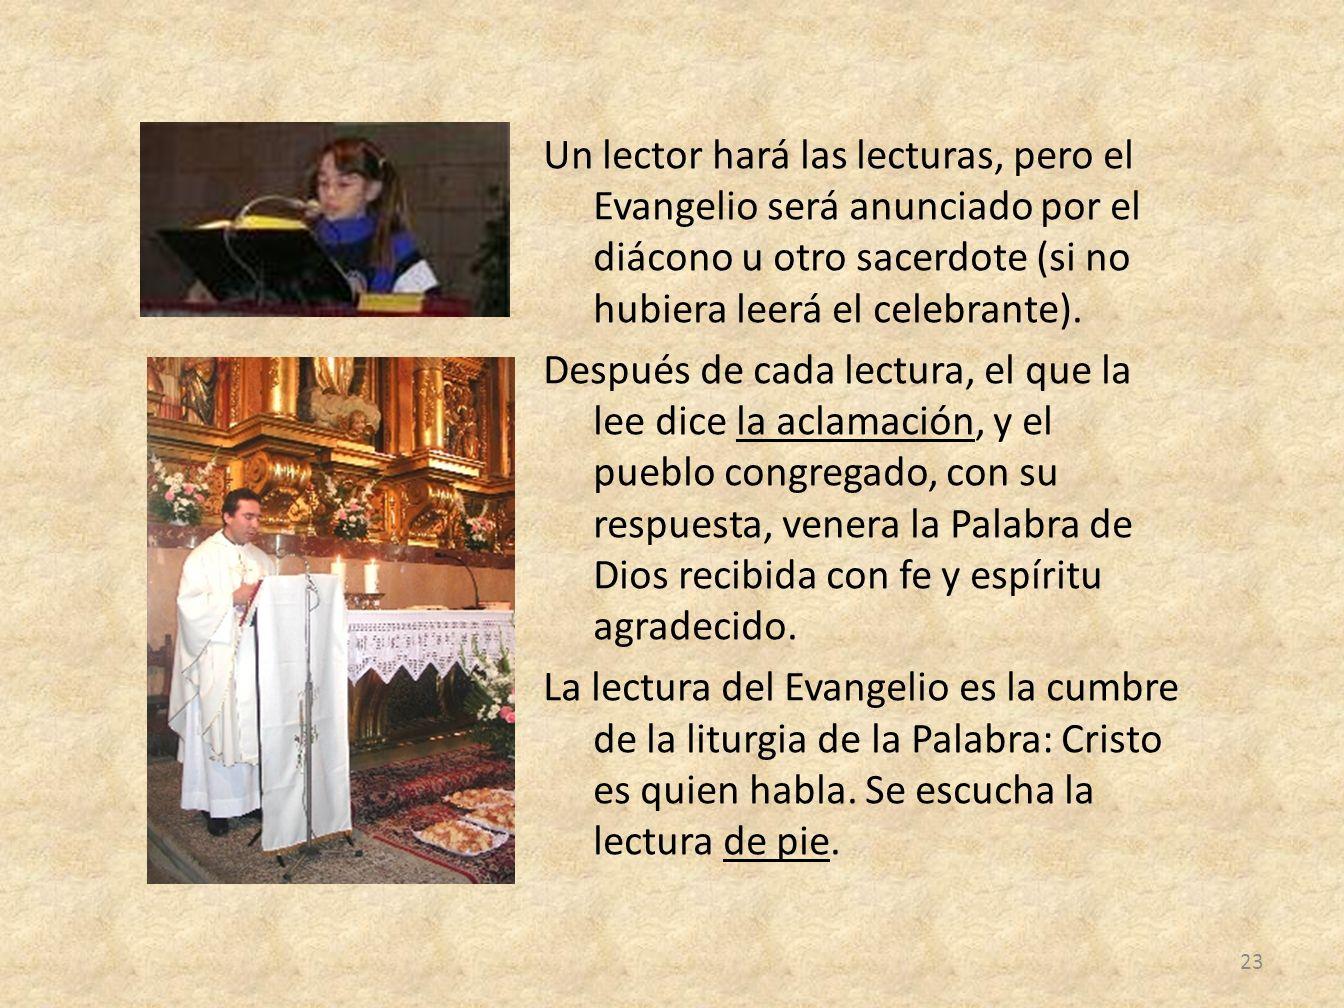 Un lector hará las lecturas, pero el Evangelio será anunciado por el diácono u otro sacerdote (si no hubiera leerá el celebrante).